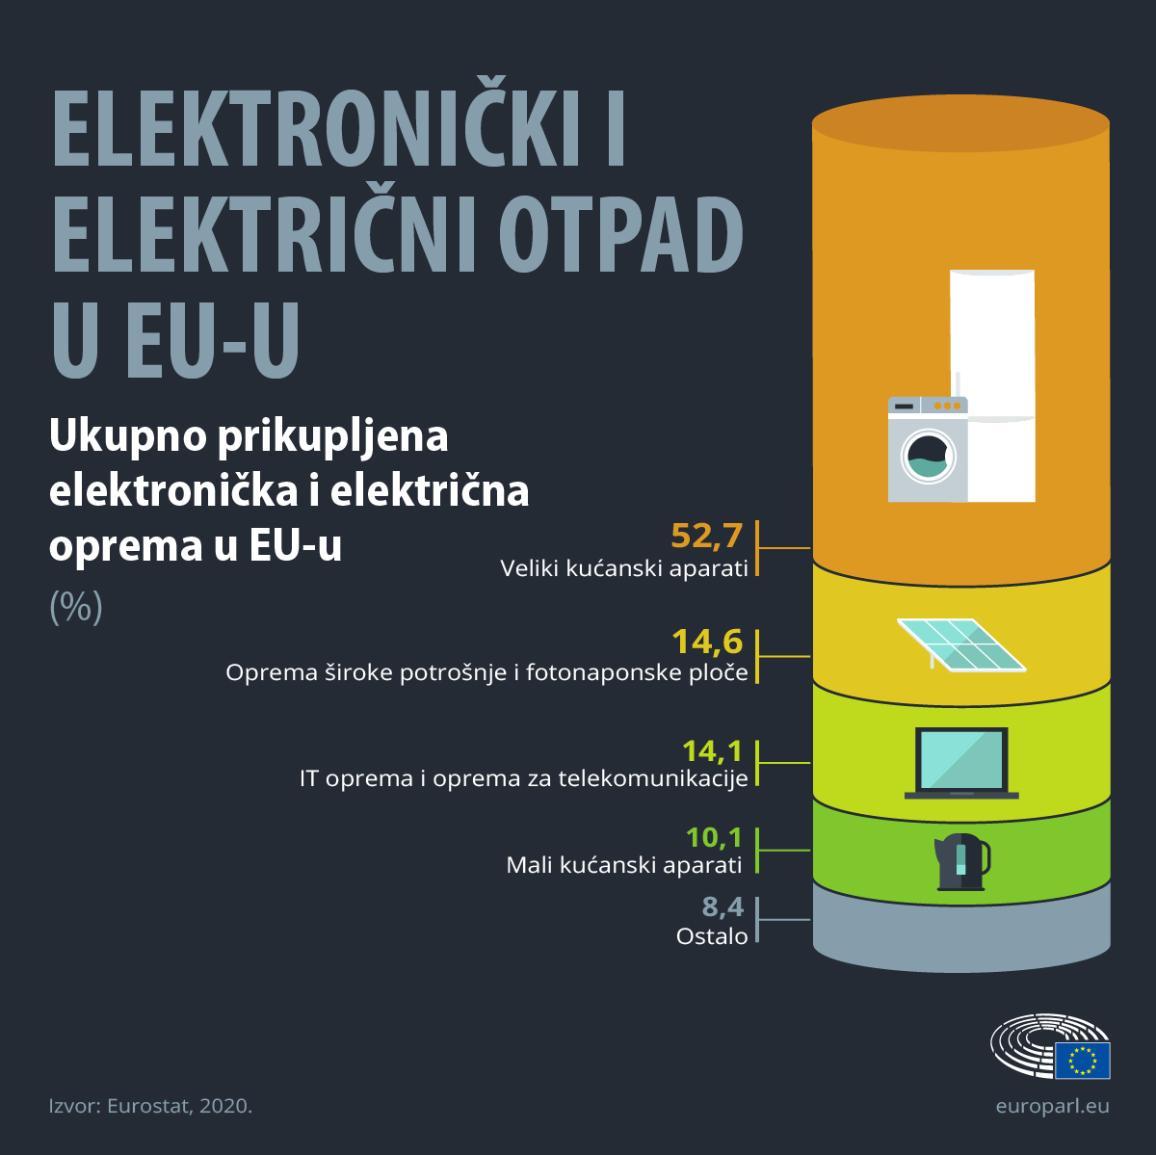 Infografika koja prikazuje postotak e-otpada po vrsti uređaja u EU-u